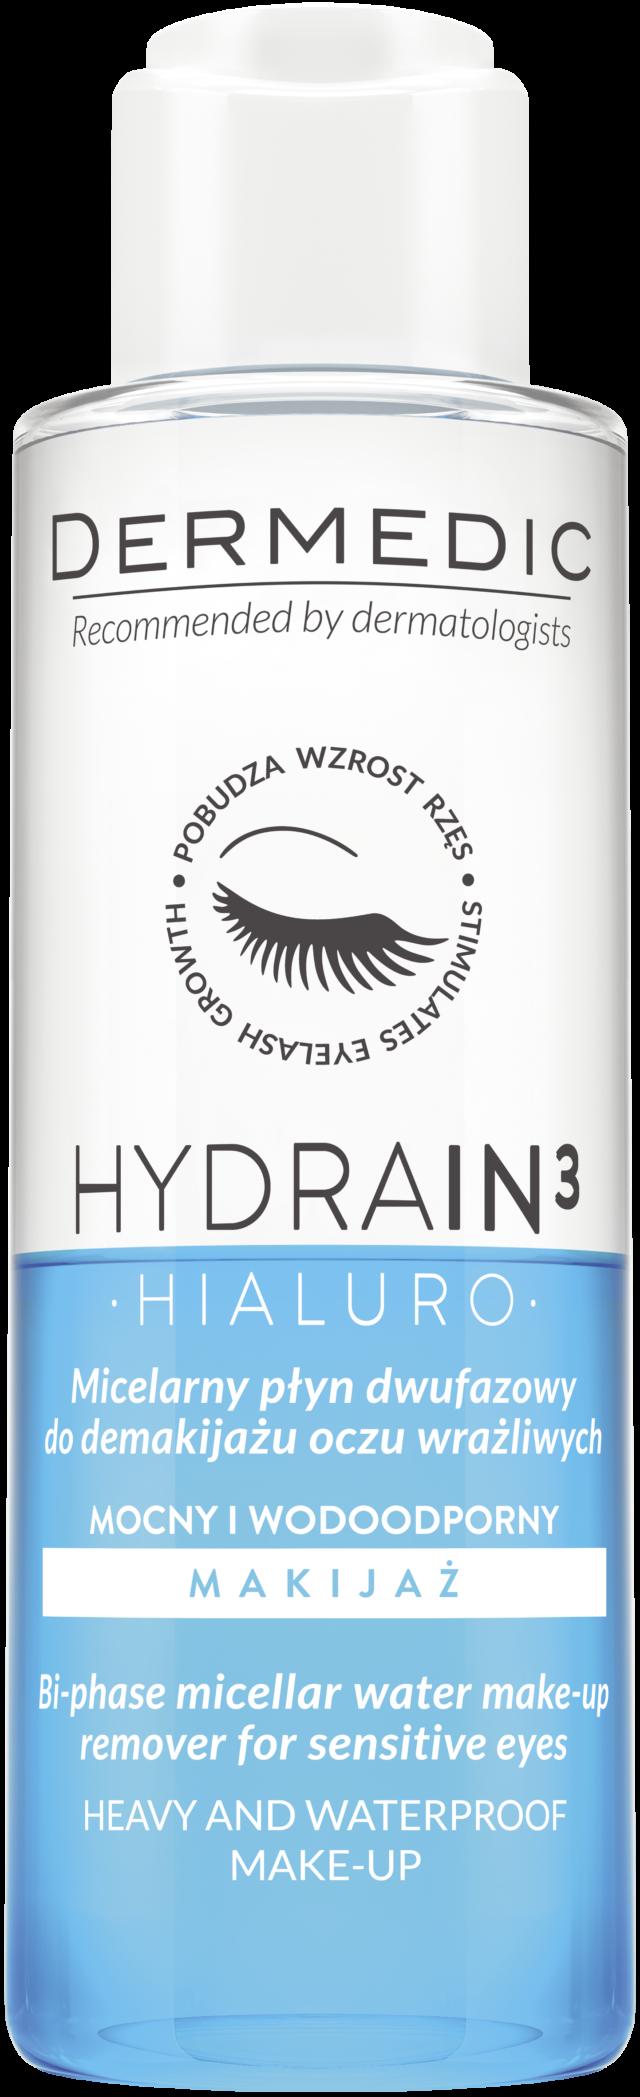 DERMEDIC HYDRAIN 3 HIALURO Micelarny płyn dwufazowy do demakijażu 115 ml